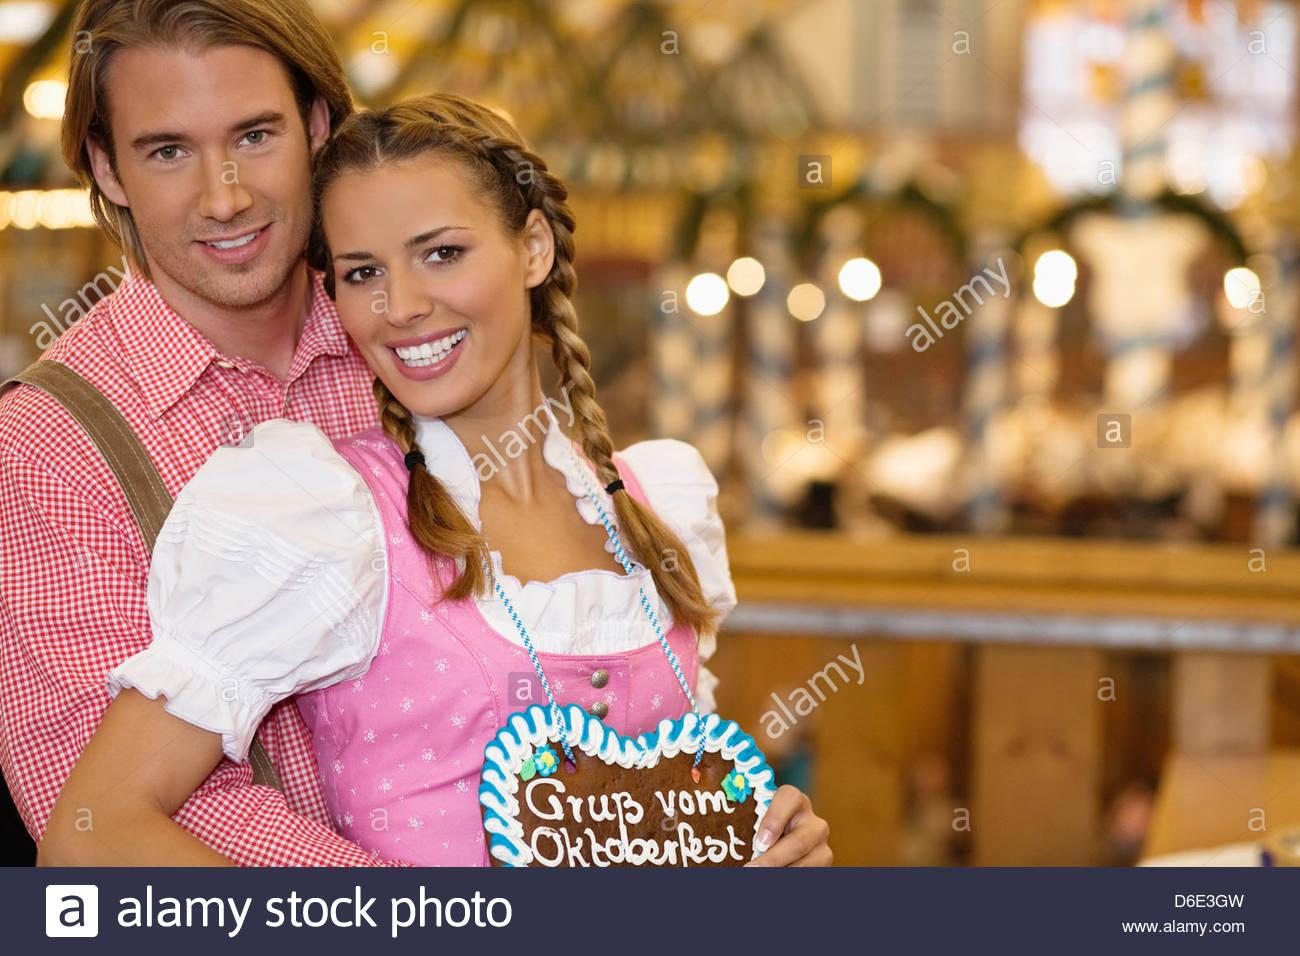 Coppia giovane nel tradizionale costume bavarese Oktoberfest Monaco di Baviera Germania Foto Stock